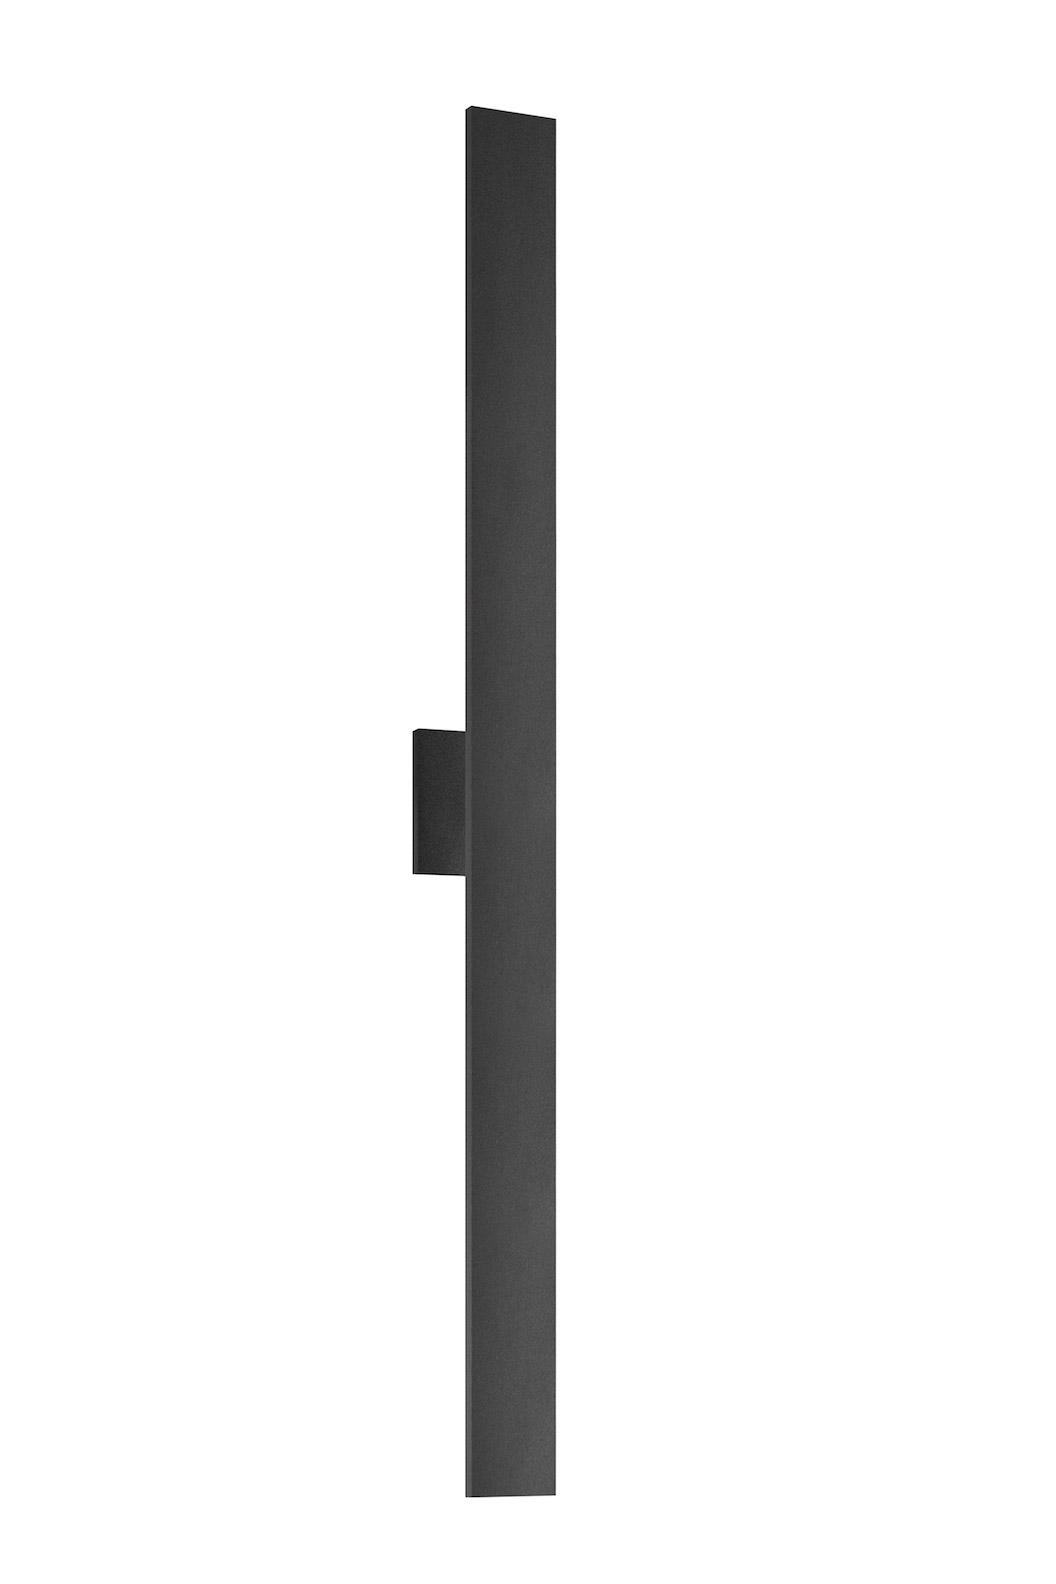 Wall Sconce Lighting Modern VESTA Kuzco ws7950-bk